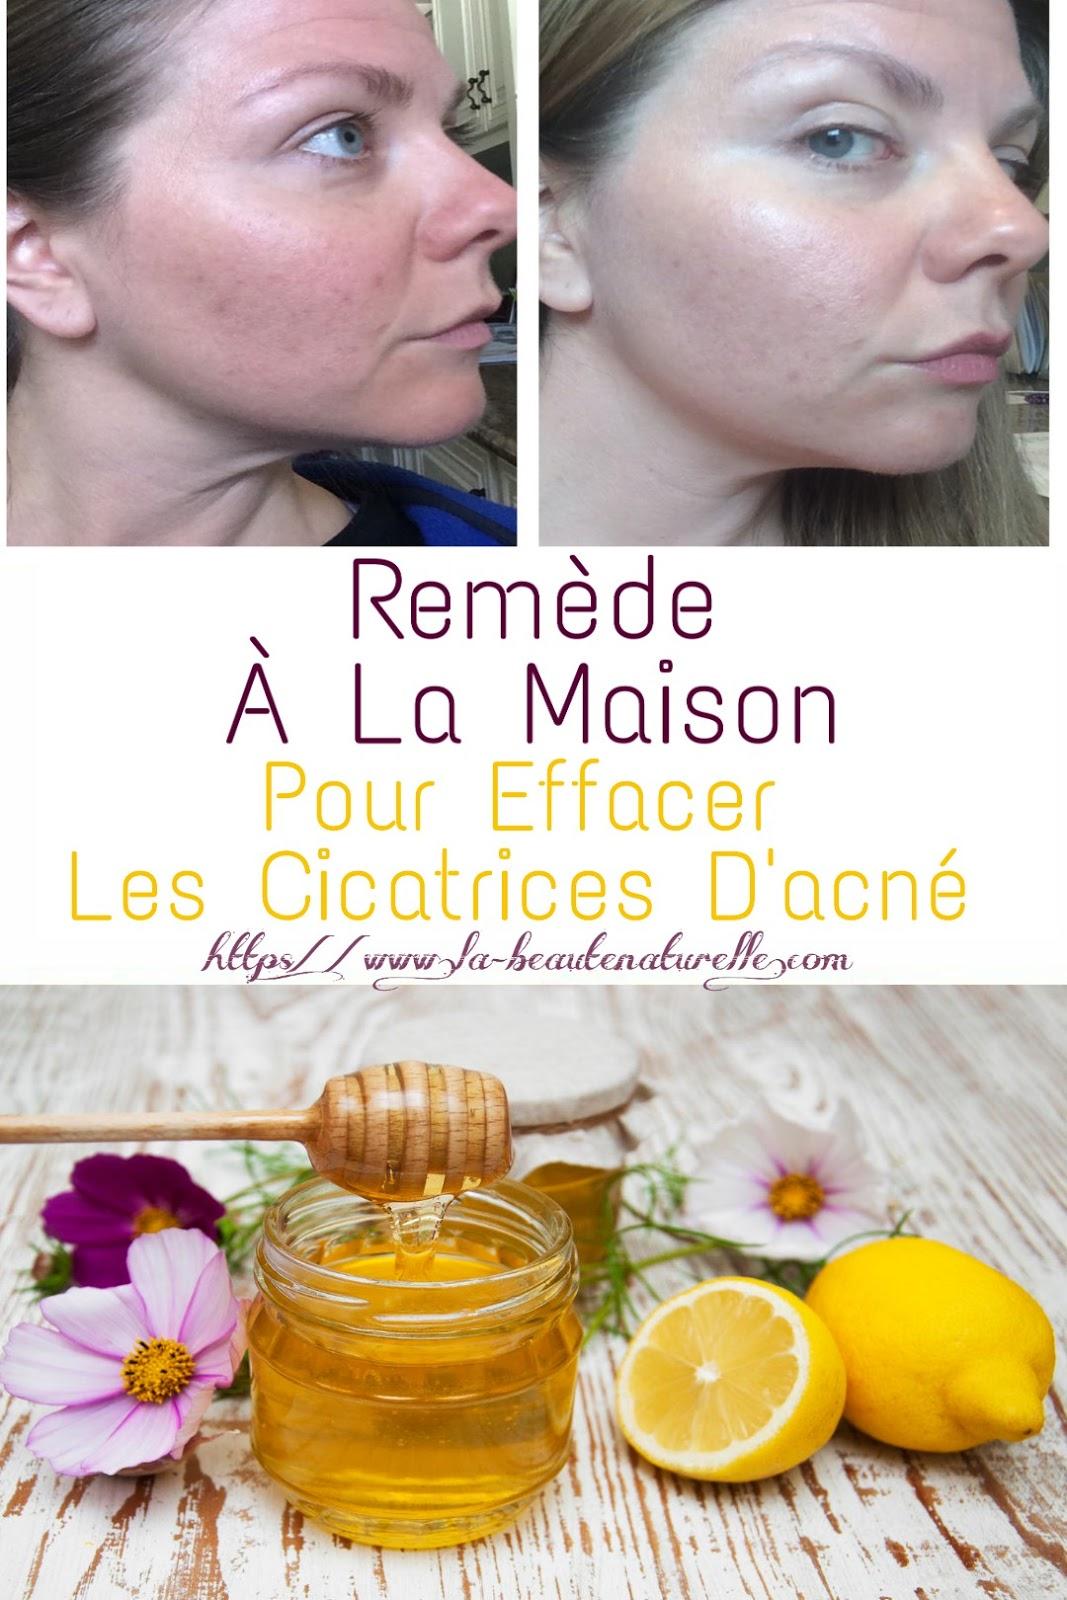 Remède À La Maison Pour Effacer Les Cicatrices D'acné